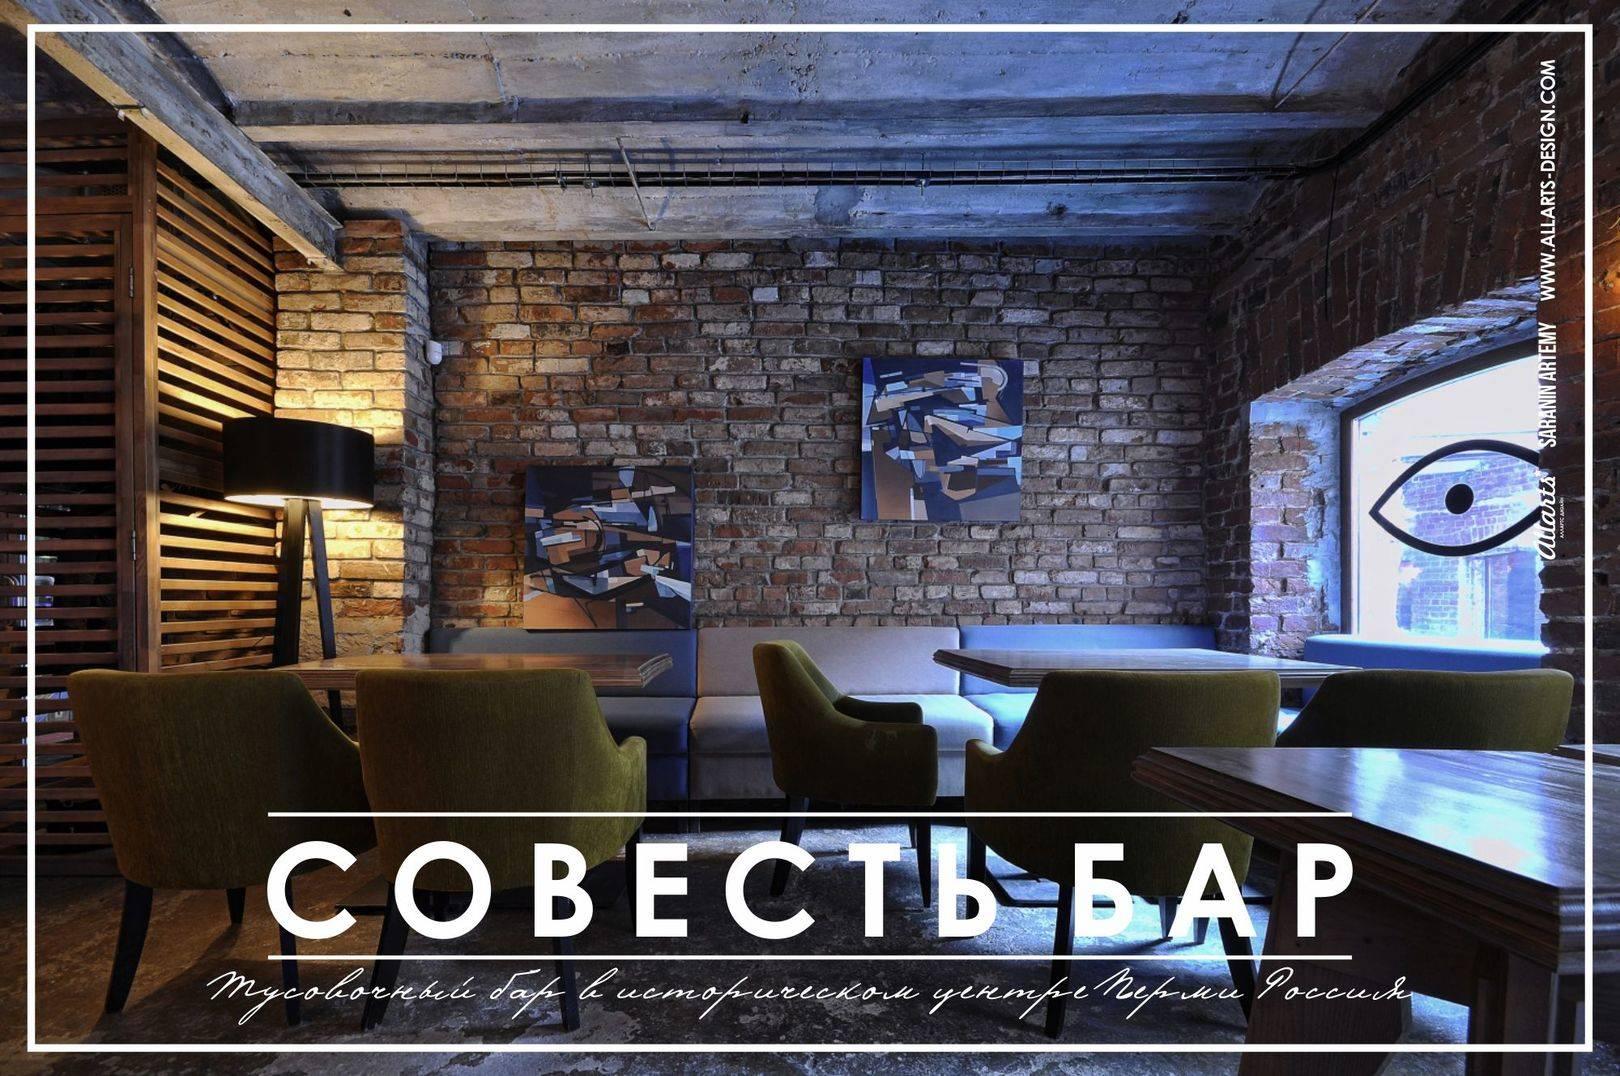 Дизайн интерьера Совесть бар